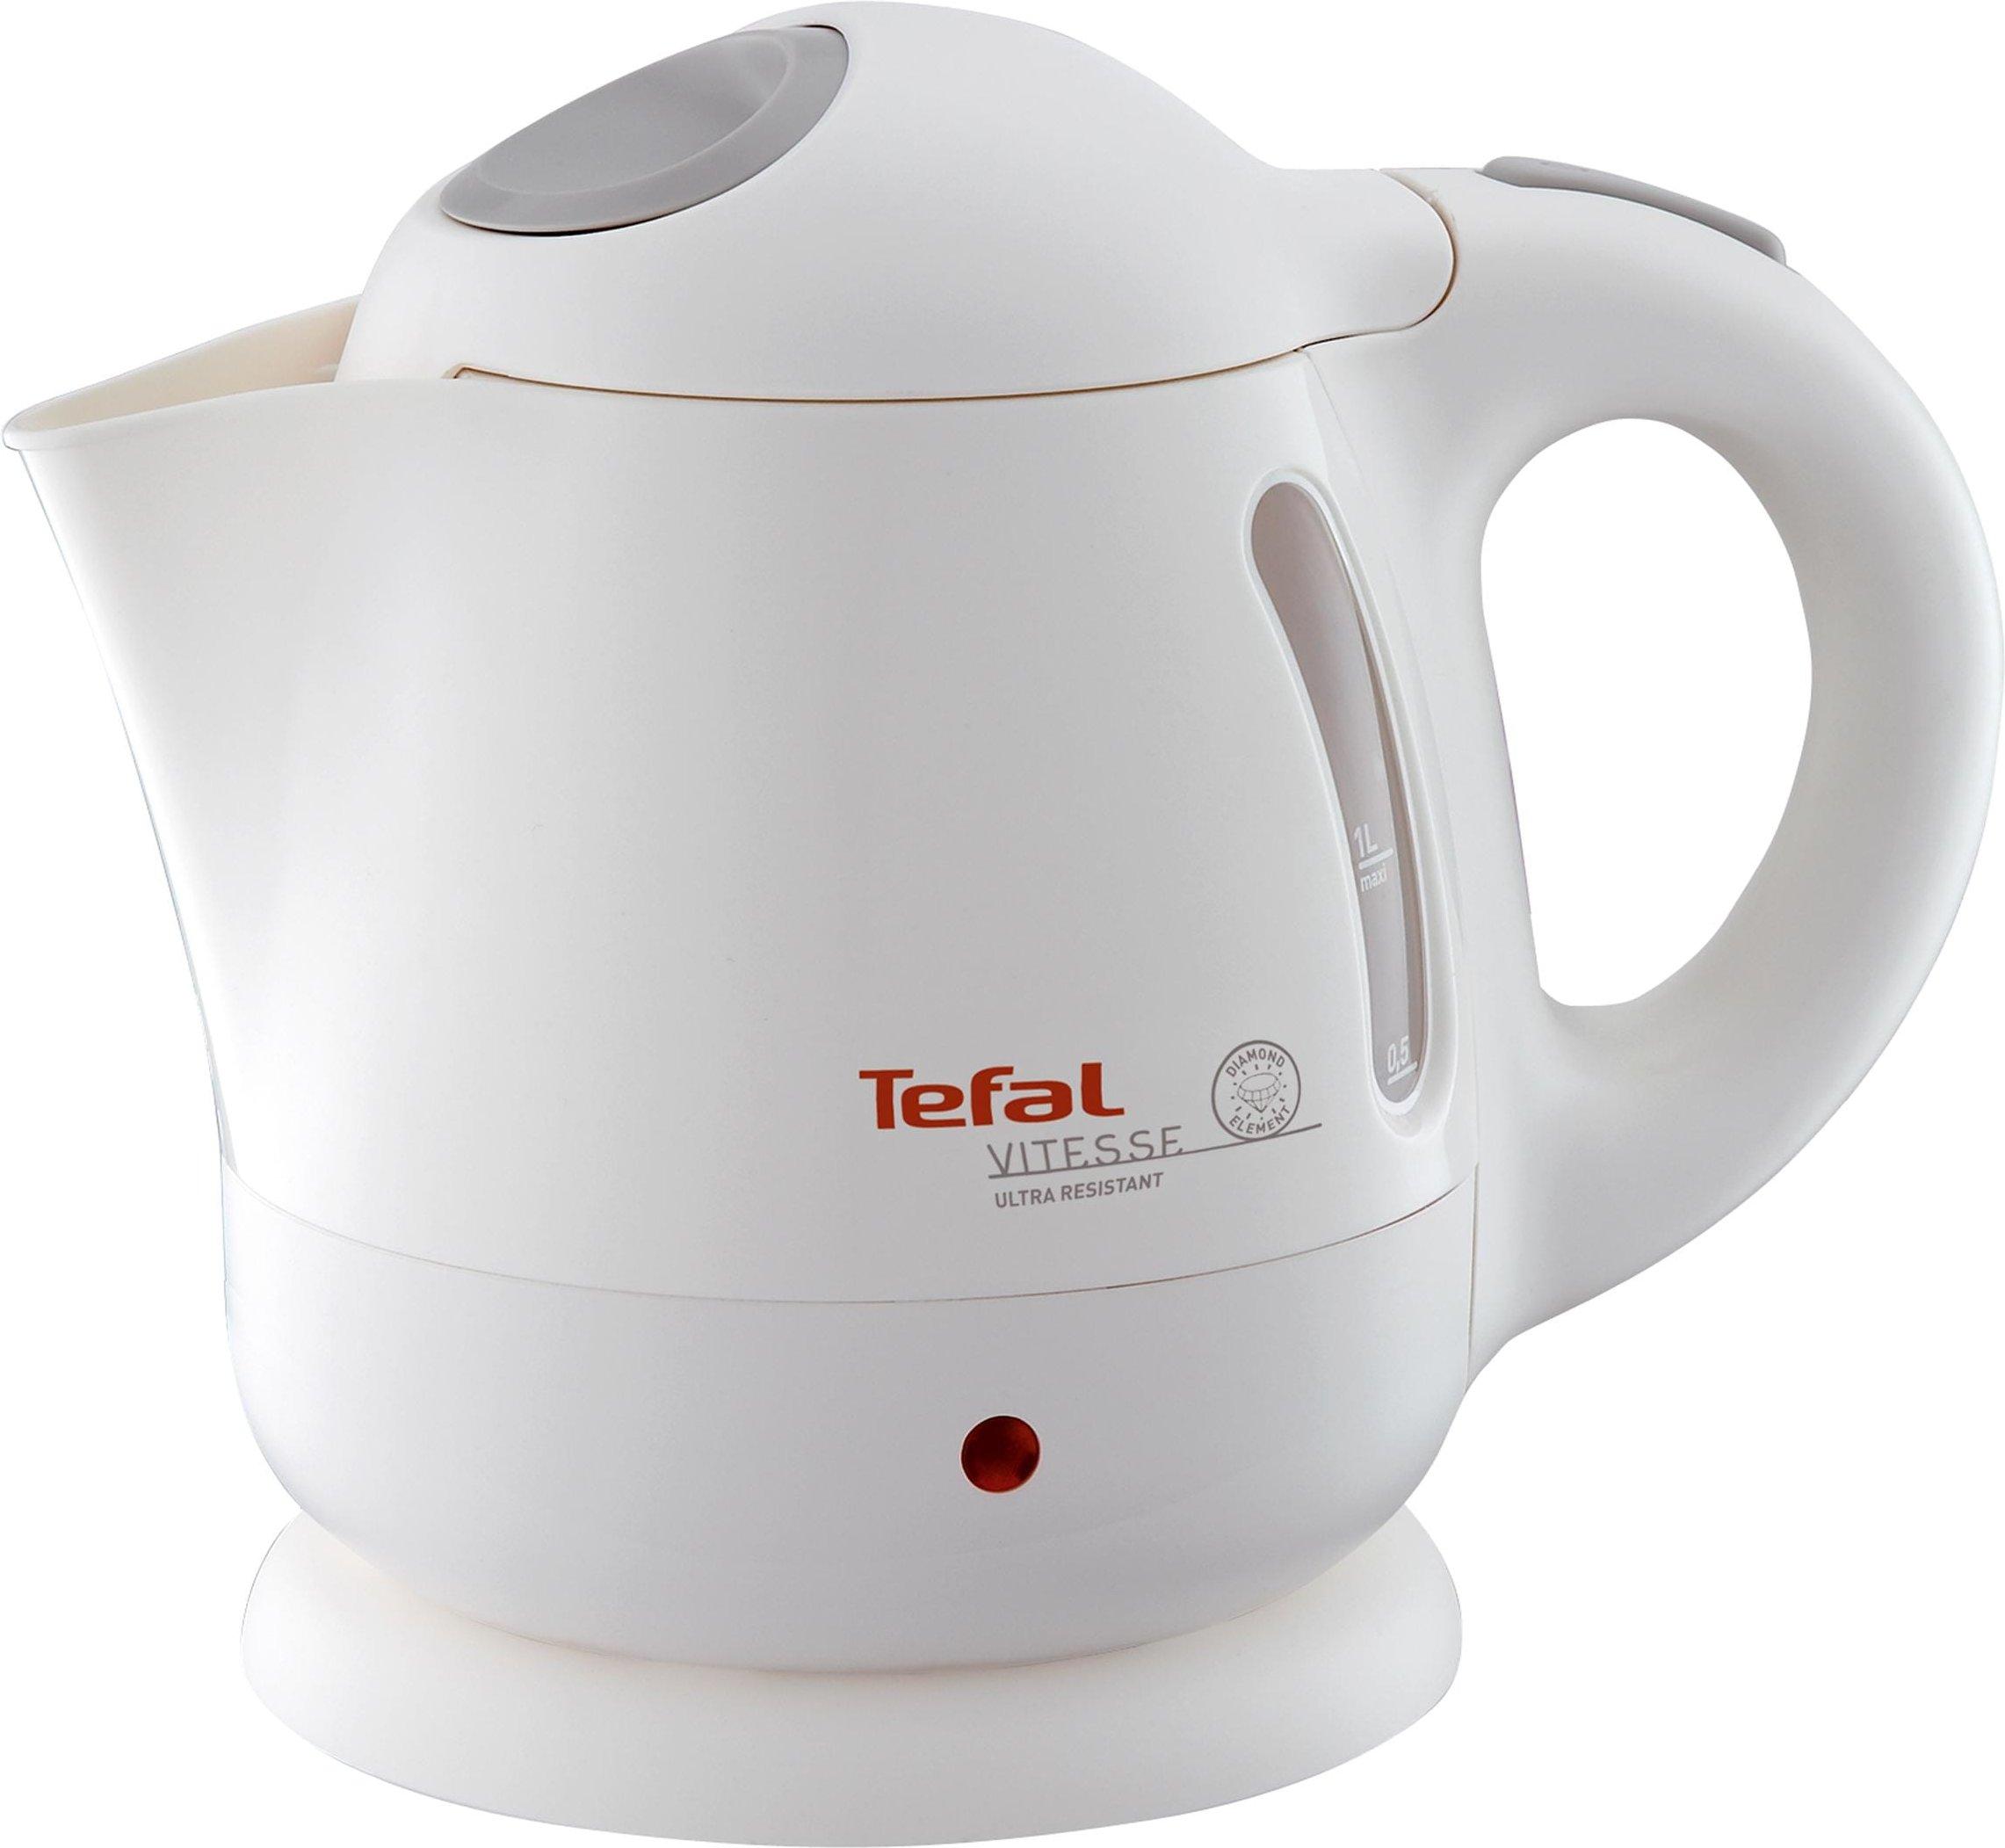 Tefal Wasserkocher BF2130 1 Liter 2200 Watt